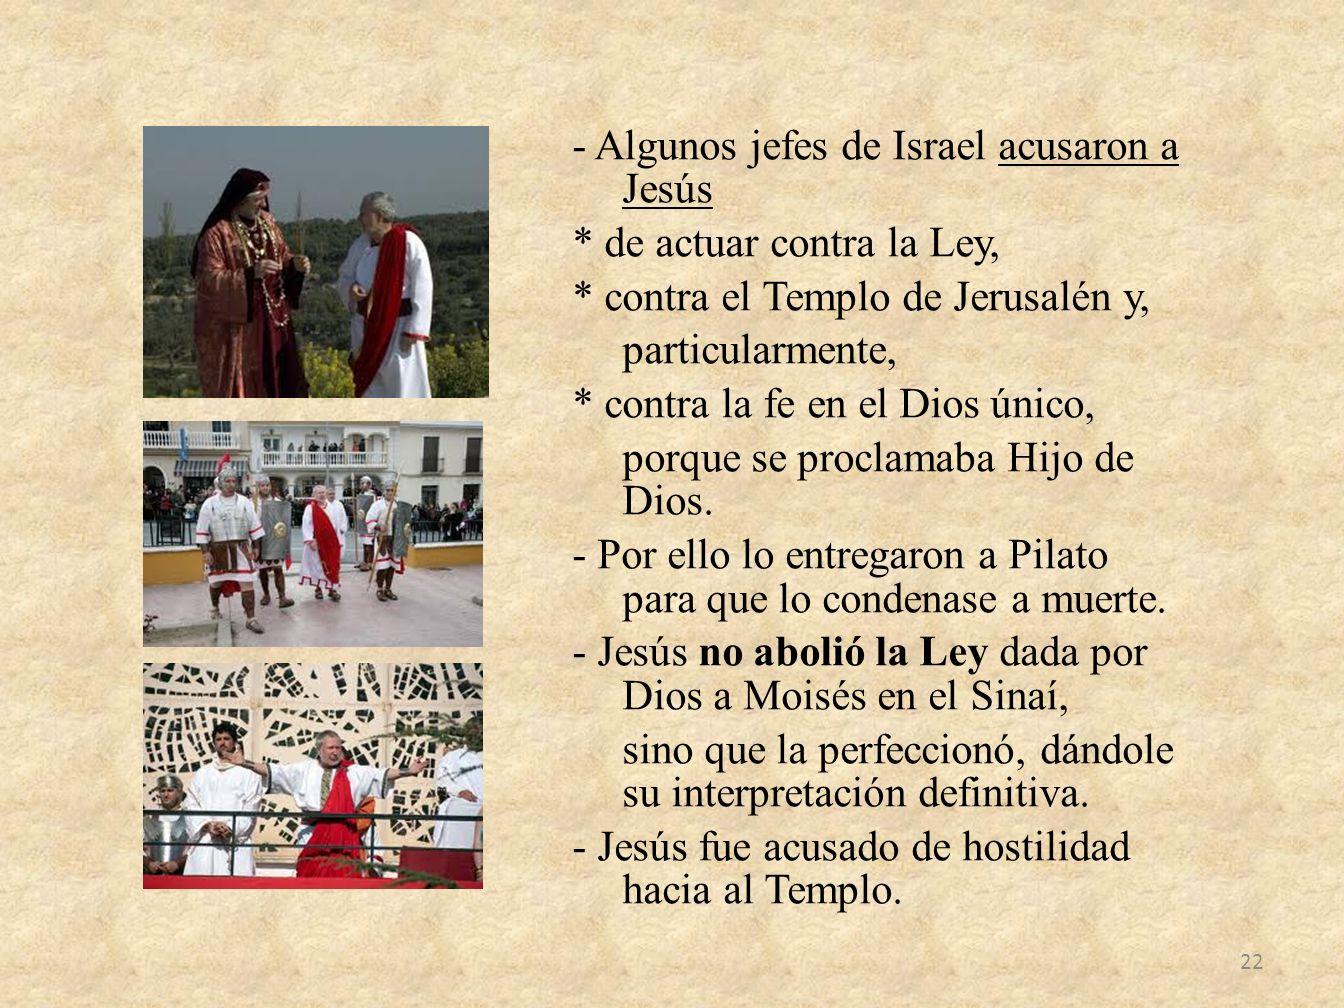 - Algunos jefes de Israel acusaron a Jesús * de actuar contra la Ley, * contra el Templo de Jerusalén y, particularmente, * contra la fe en el Dios ún